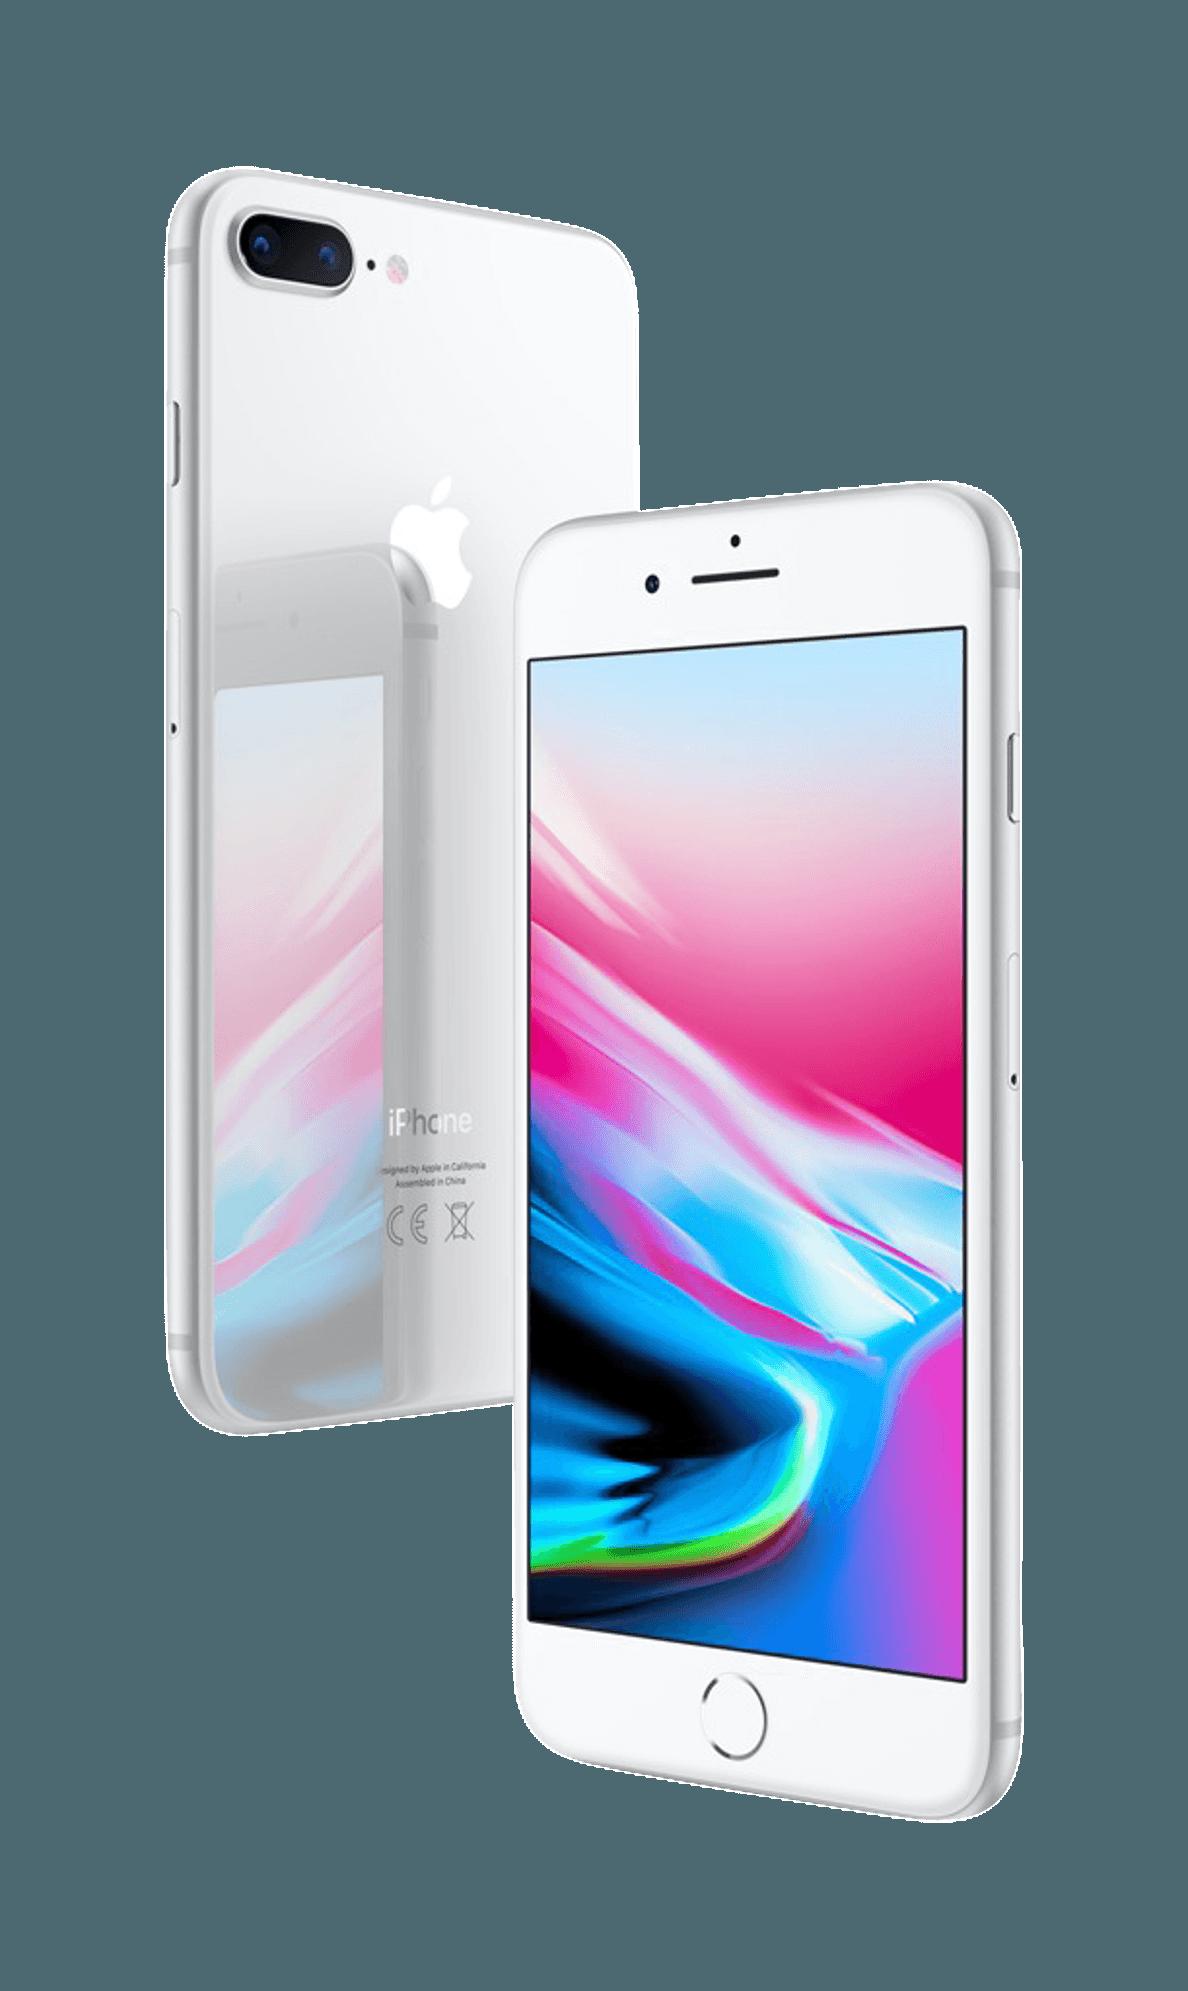 Apple Iphone 8 Plus Smartphone 256 Gb Silber 00190198455710 Eine Neue Iphone Generation Nn Das Iphone 8 Plus Ist Eine Neue Iphon Apple Iphone Iphone 8 Plus Und Iphone